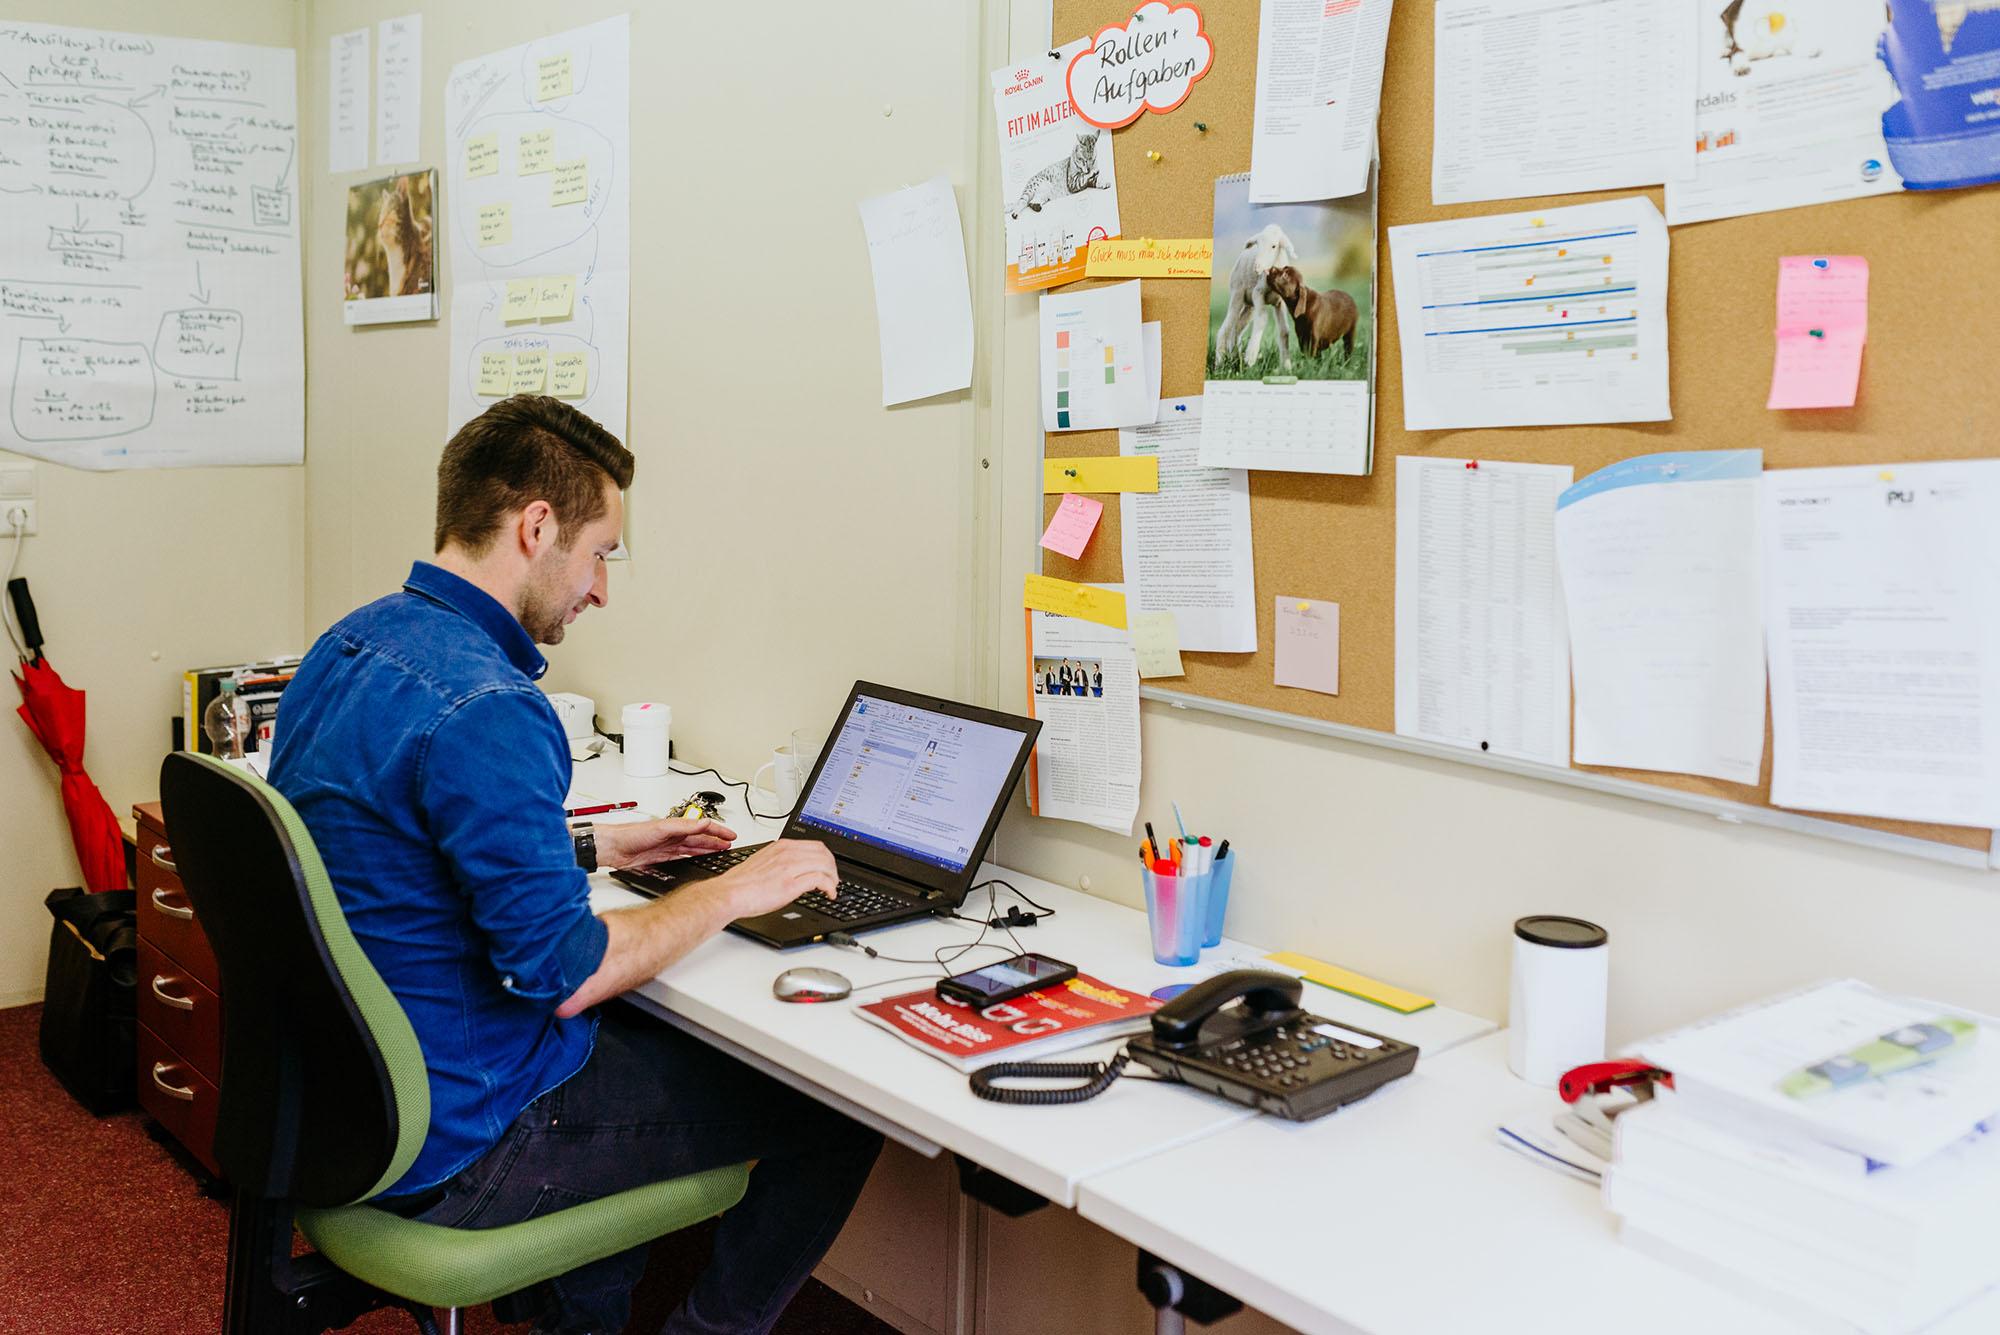 Gründer am Arbeitsplatz im Startup Cube